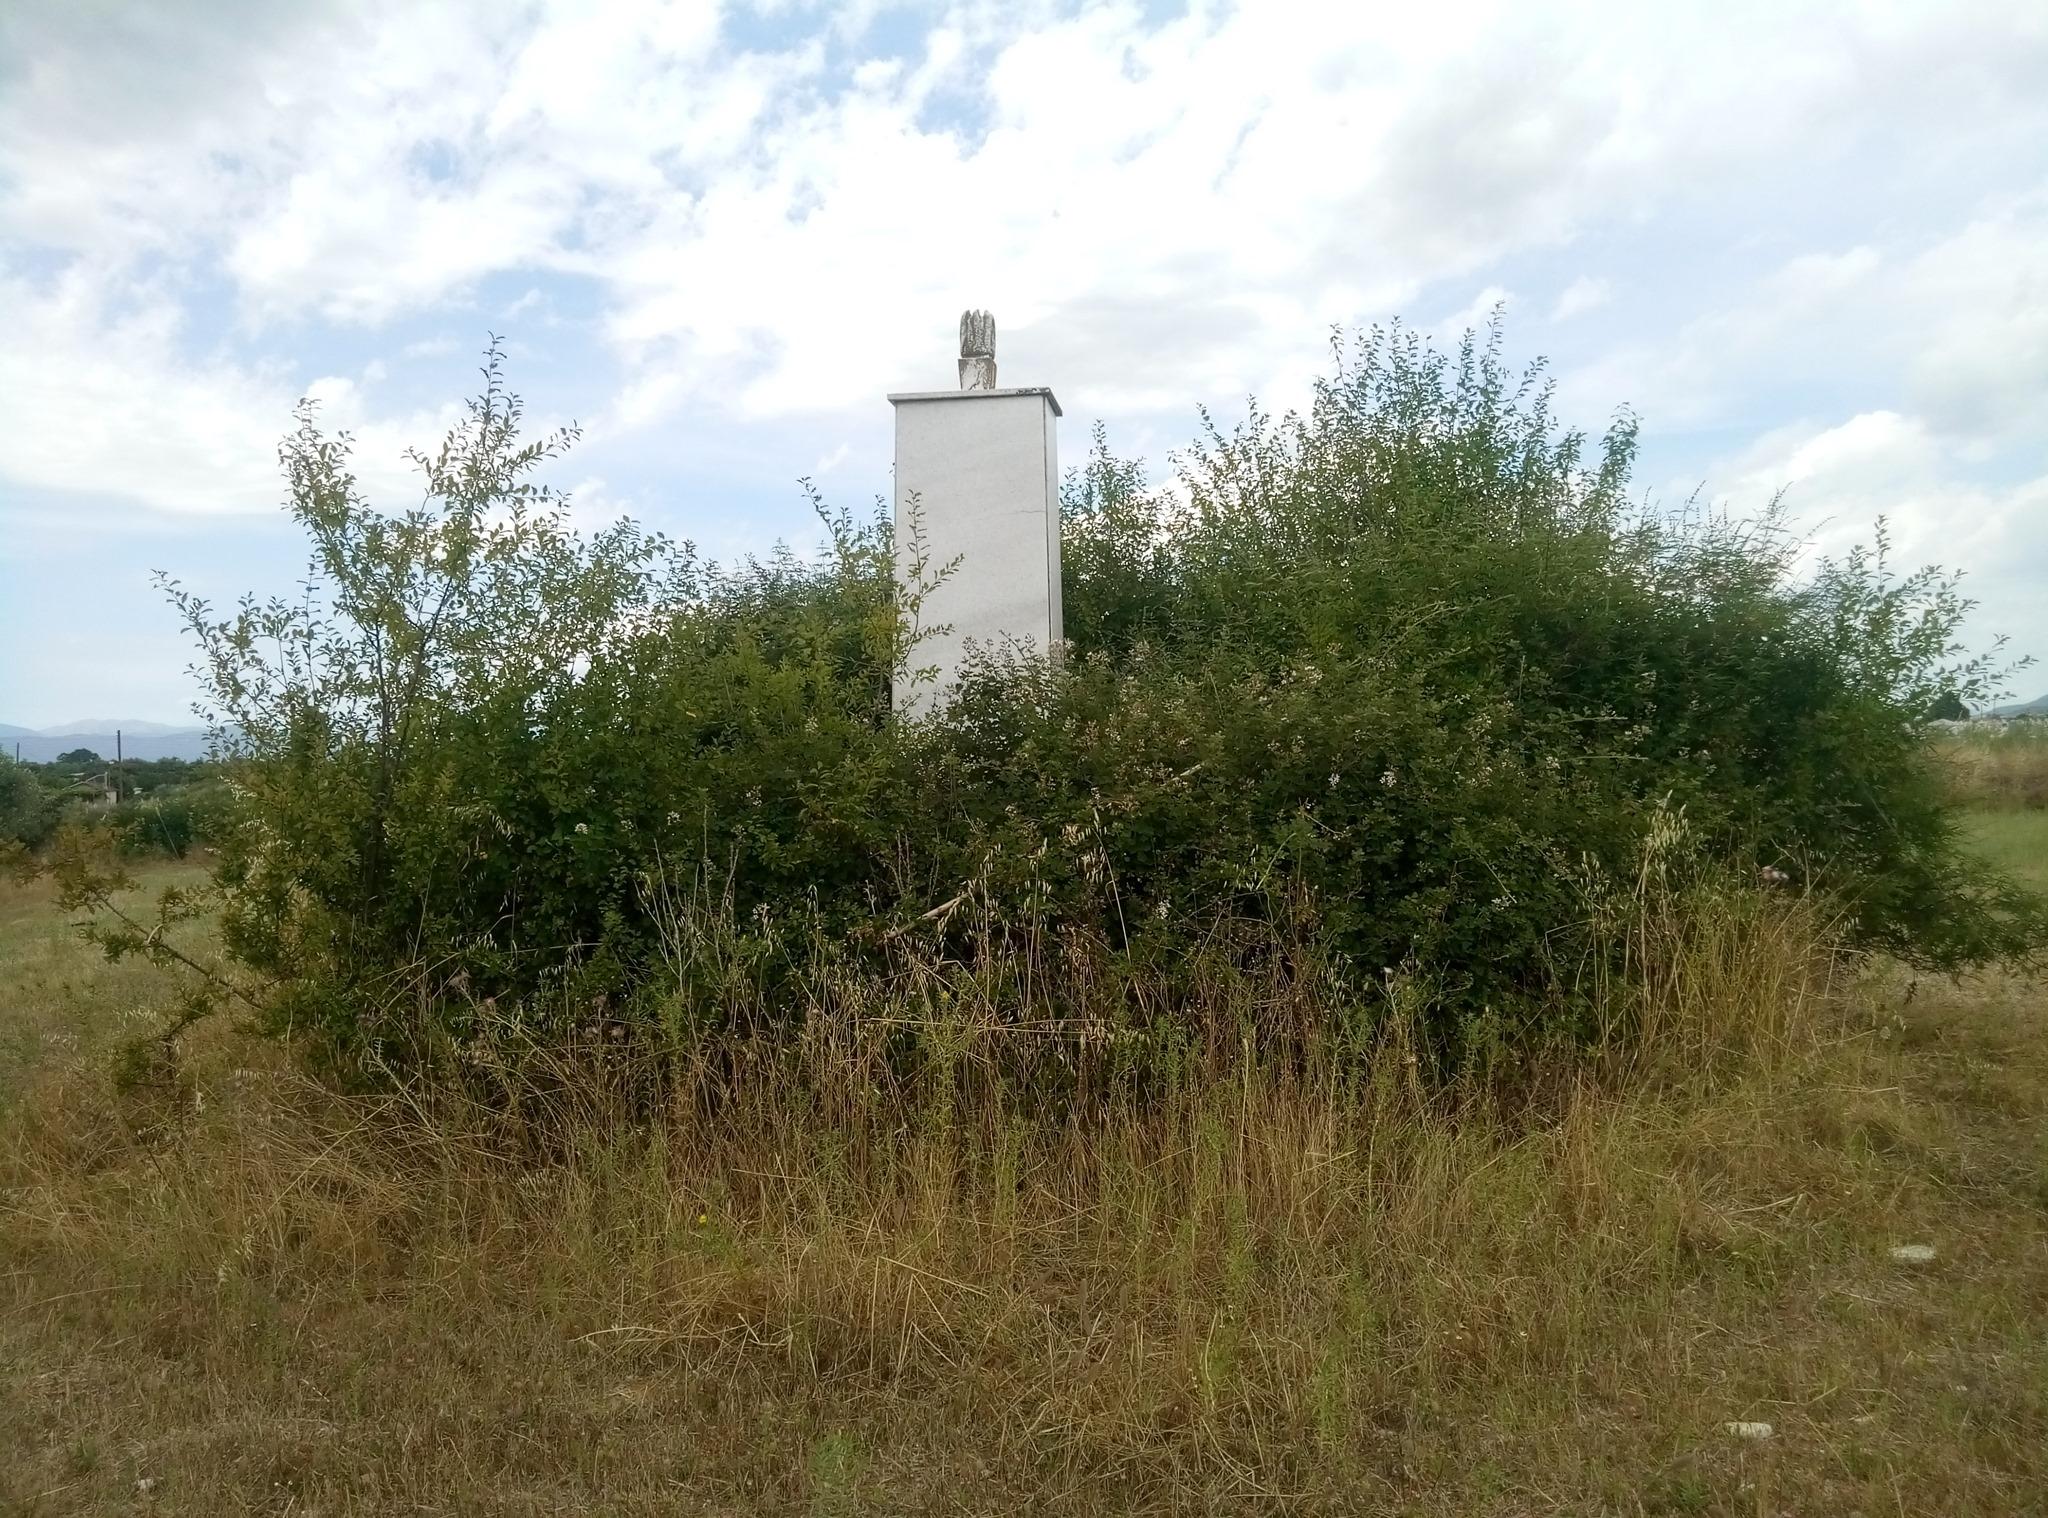 Παρεμελημένο το Μνημείο στο Αγρίνιο του πεσόντα αεροπόρου Γεώργιου Αθανασόπουλου